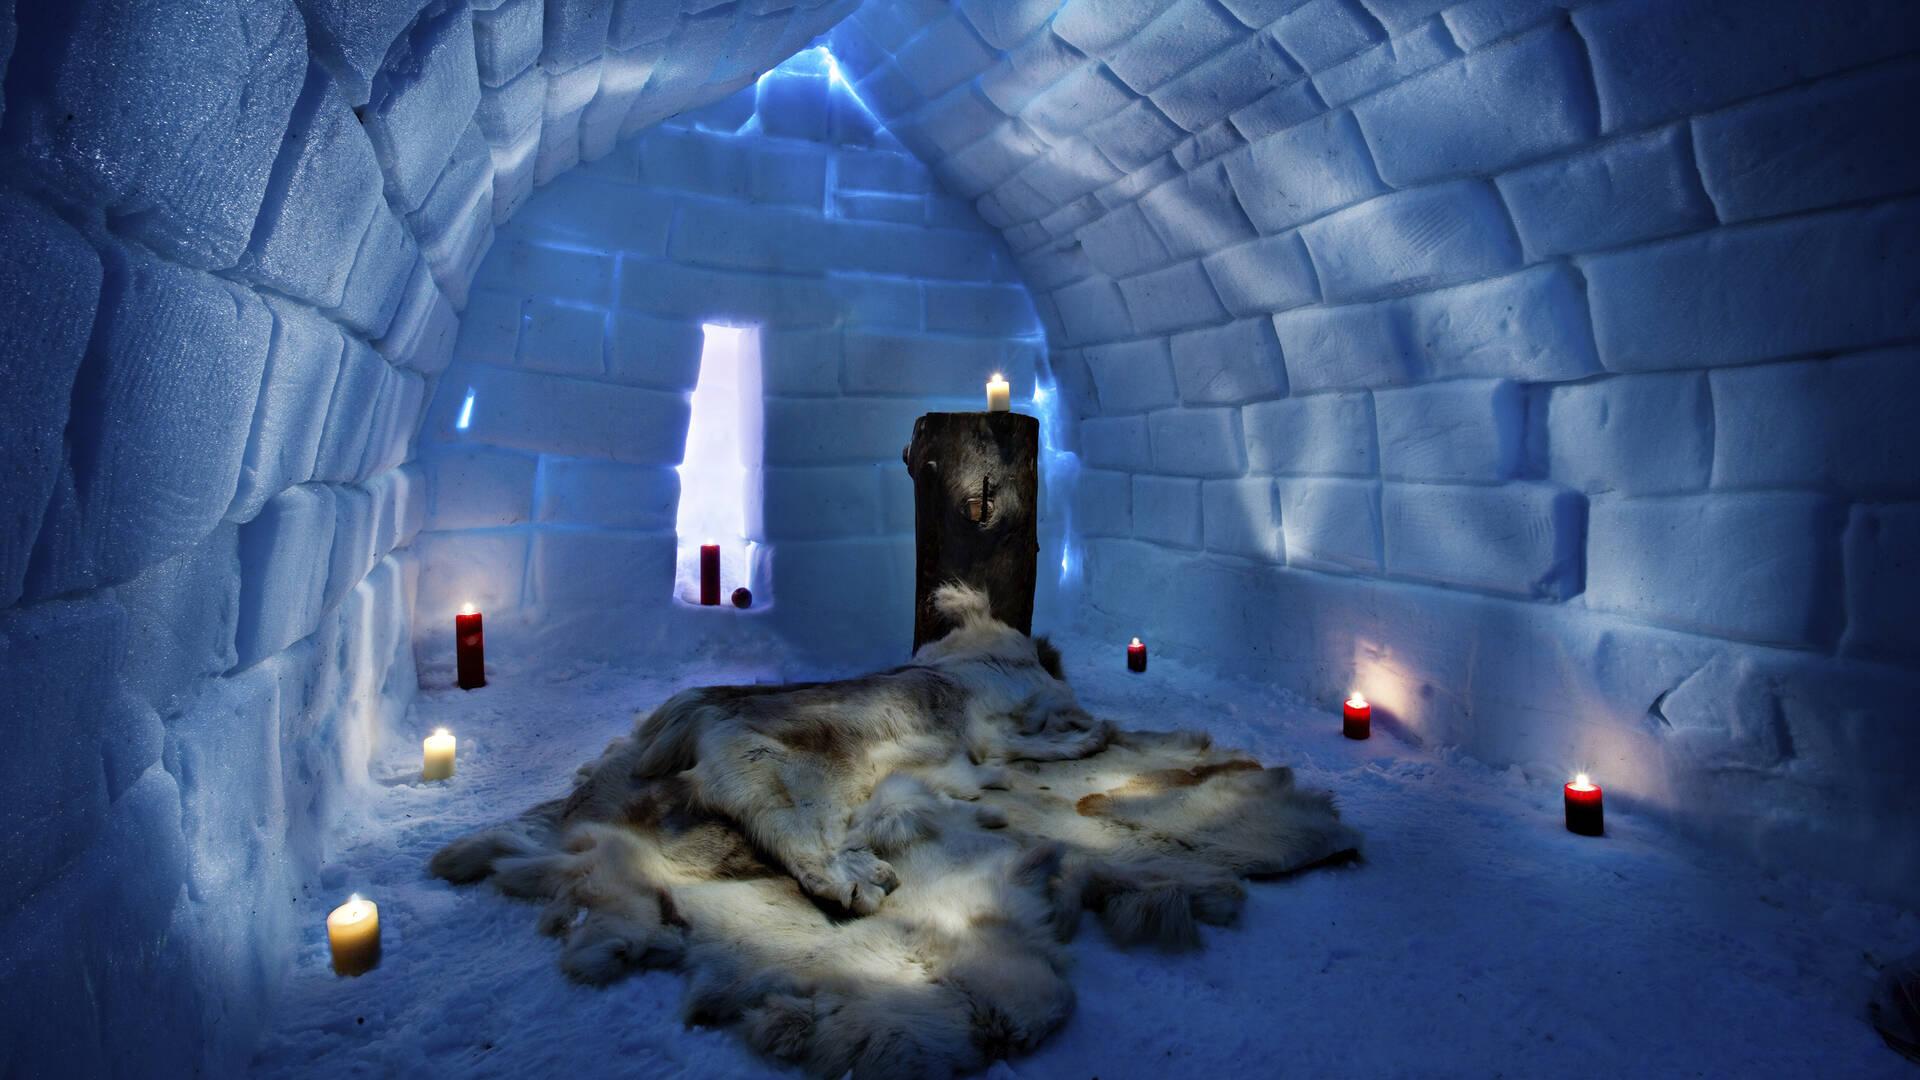 Skandinavien exklusiv: snow hotel rovaniemi  com